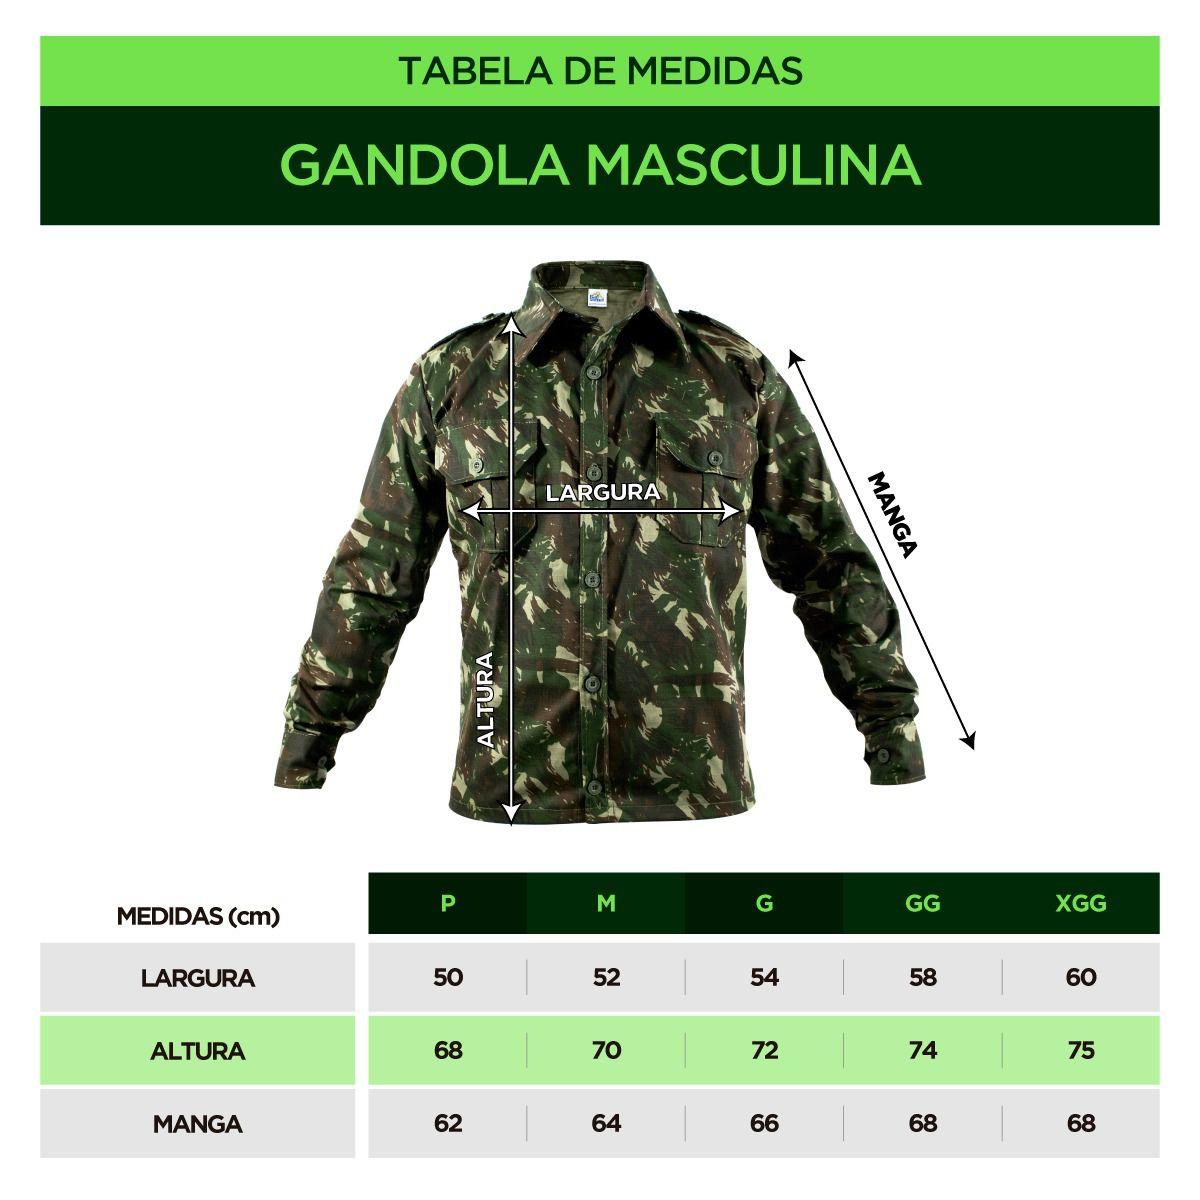 GANDOLA INSTRUÇÃO RIPSTOP COMFORT CAMUFLADA PADRÃO EXÉRCITO